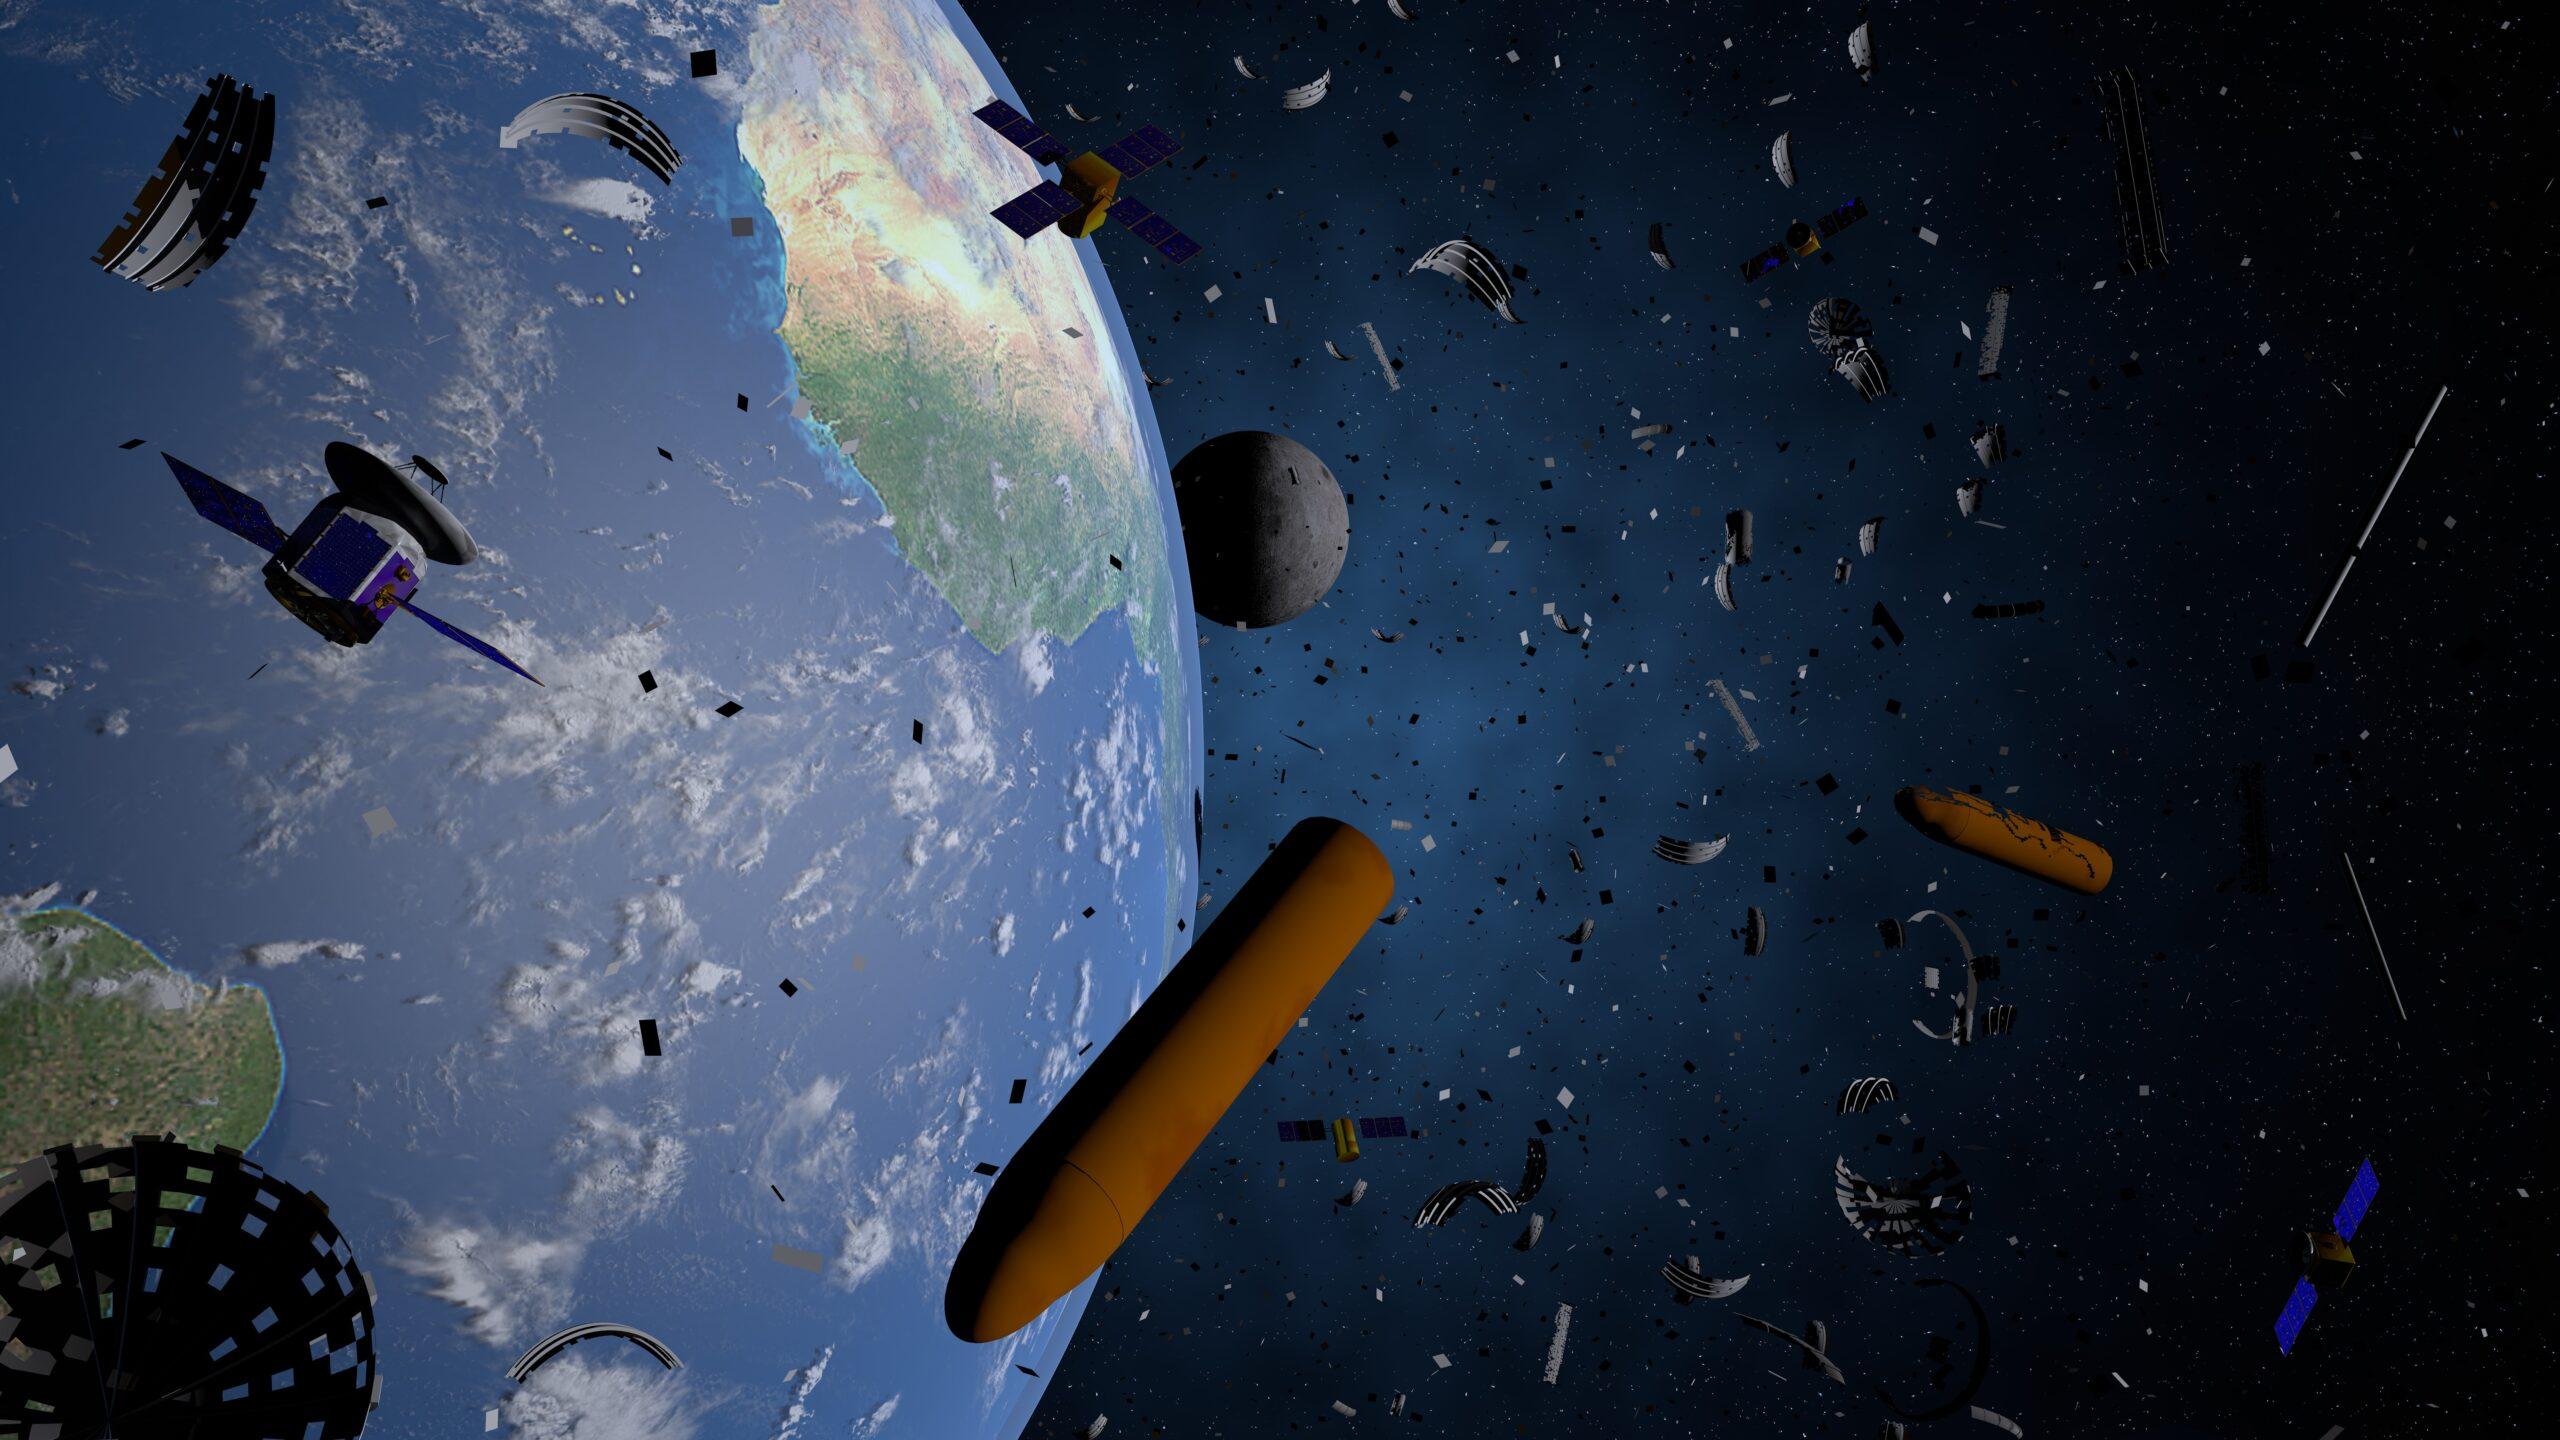 ما هي المخلفات الفضائية التي تحوم حول الأرض ولماذا يود العلماء استعادتها؟ ما هي المهمة التي أطلق القمر الصناعي بروسبيرو من أجلها؟